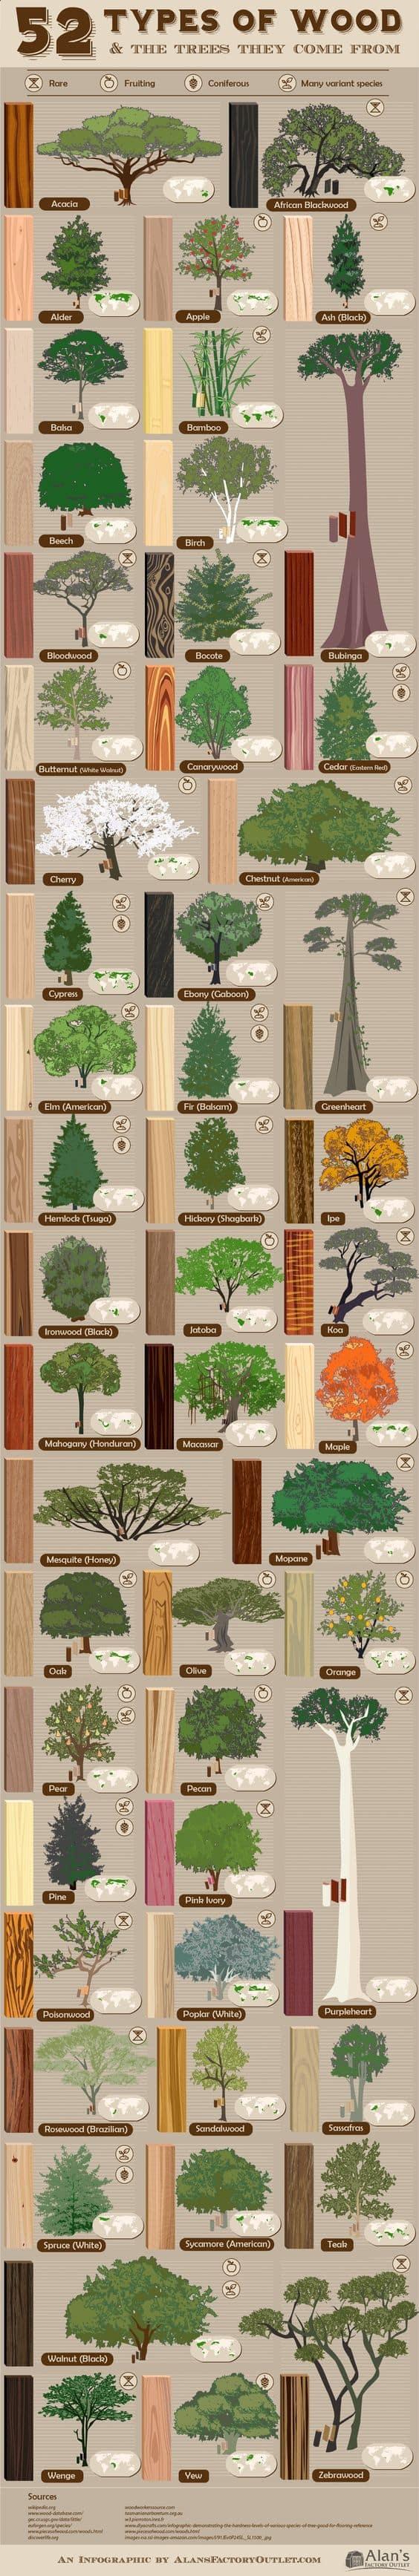 principalele specii de lemn